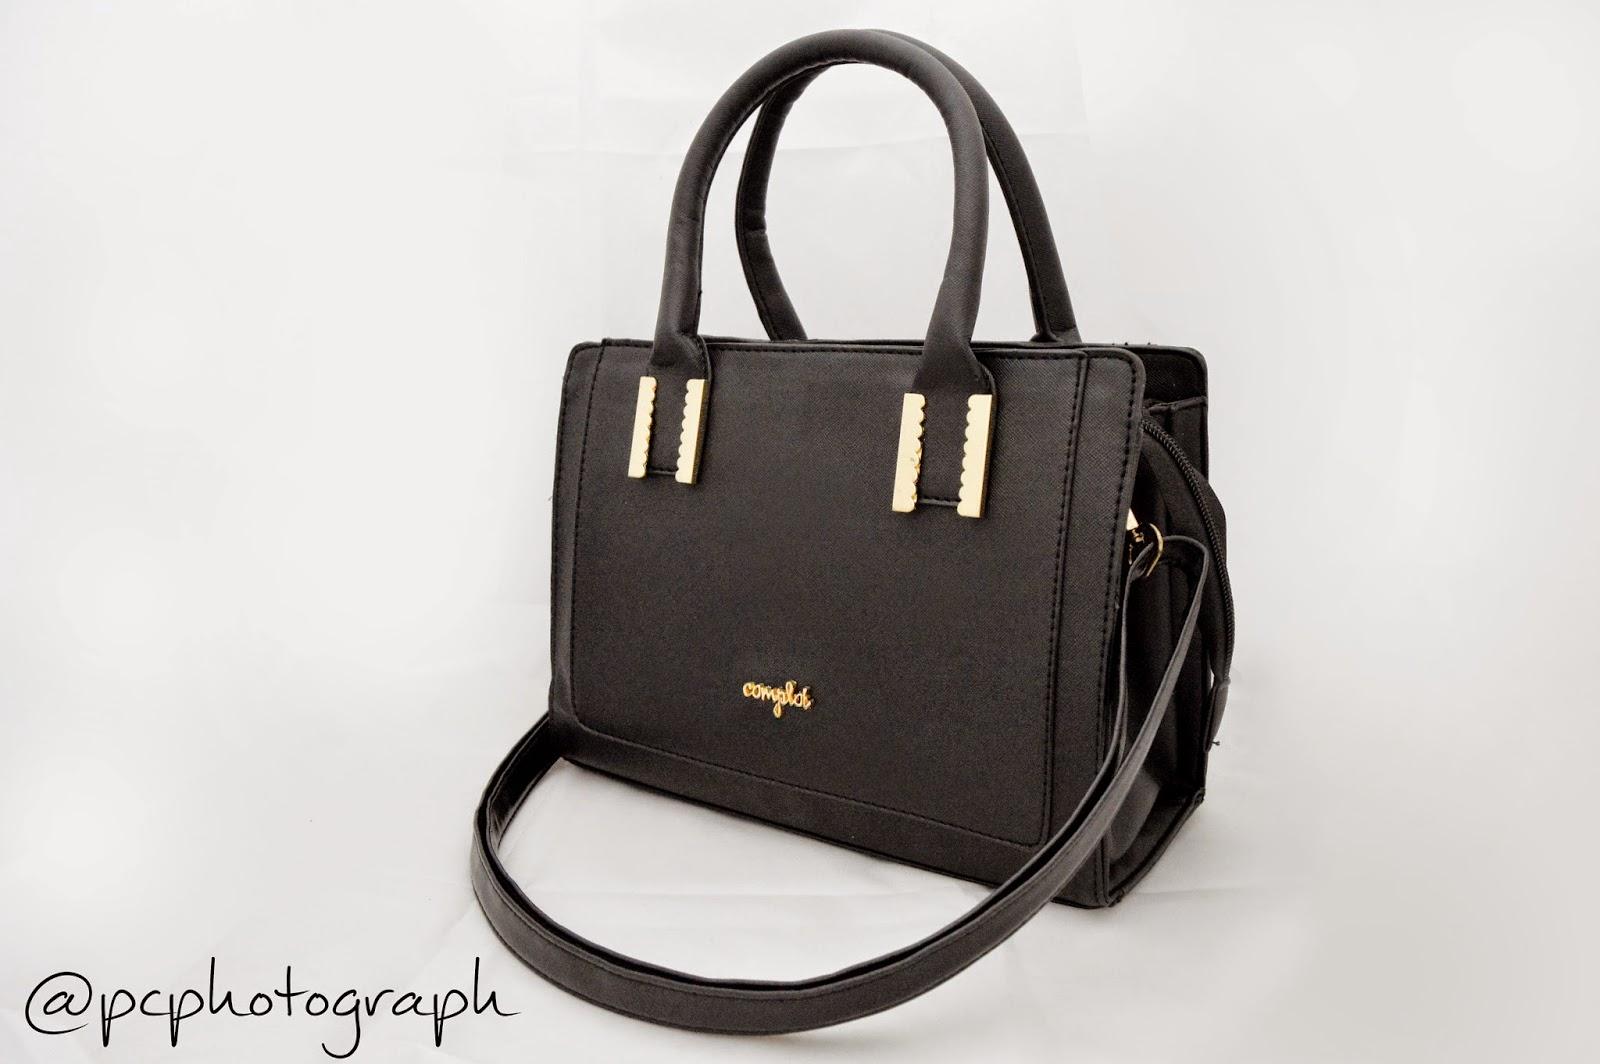 Supplier tas batam terbesar yang menjual berbagai macam tas fashion yang murah dan berkualitas bertempat di batam kunjungi kami lebih lanjut